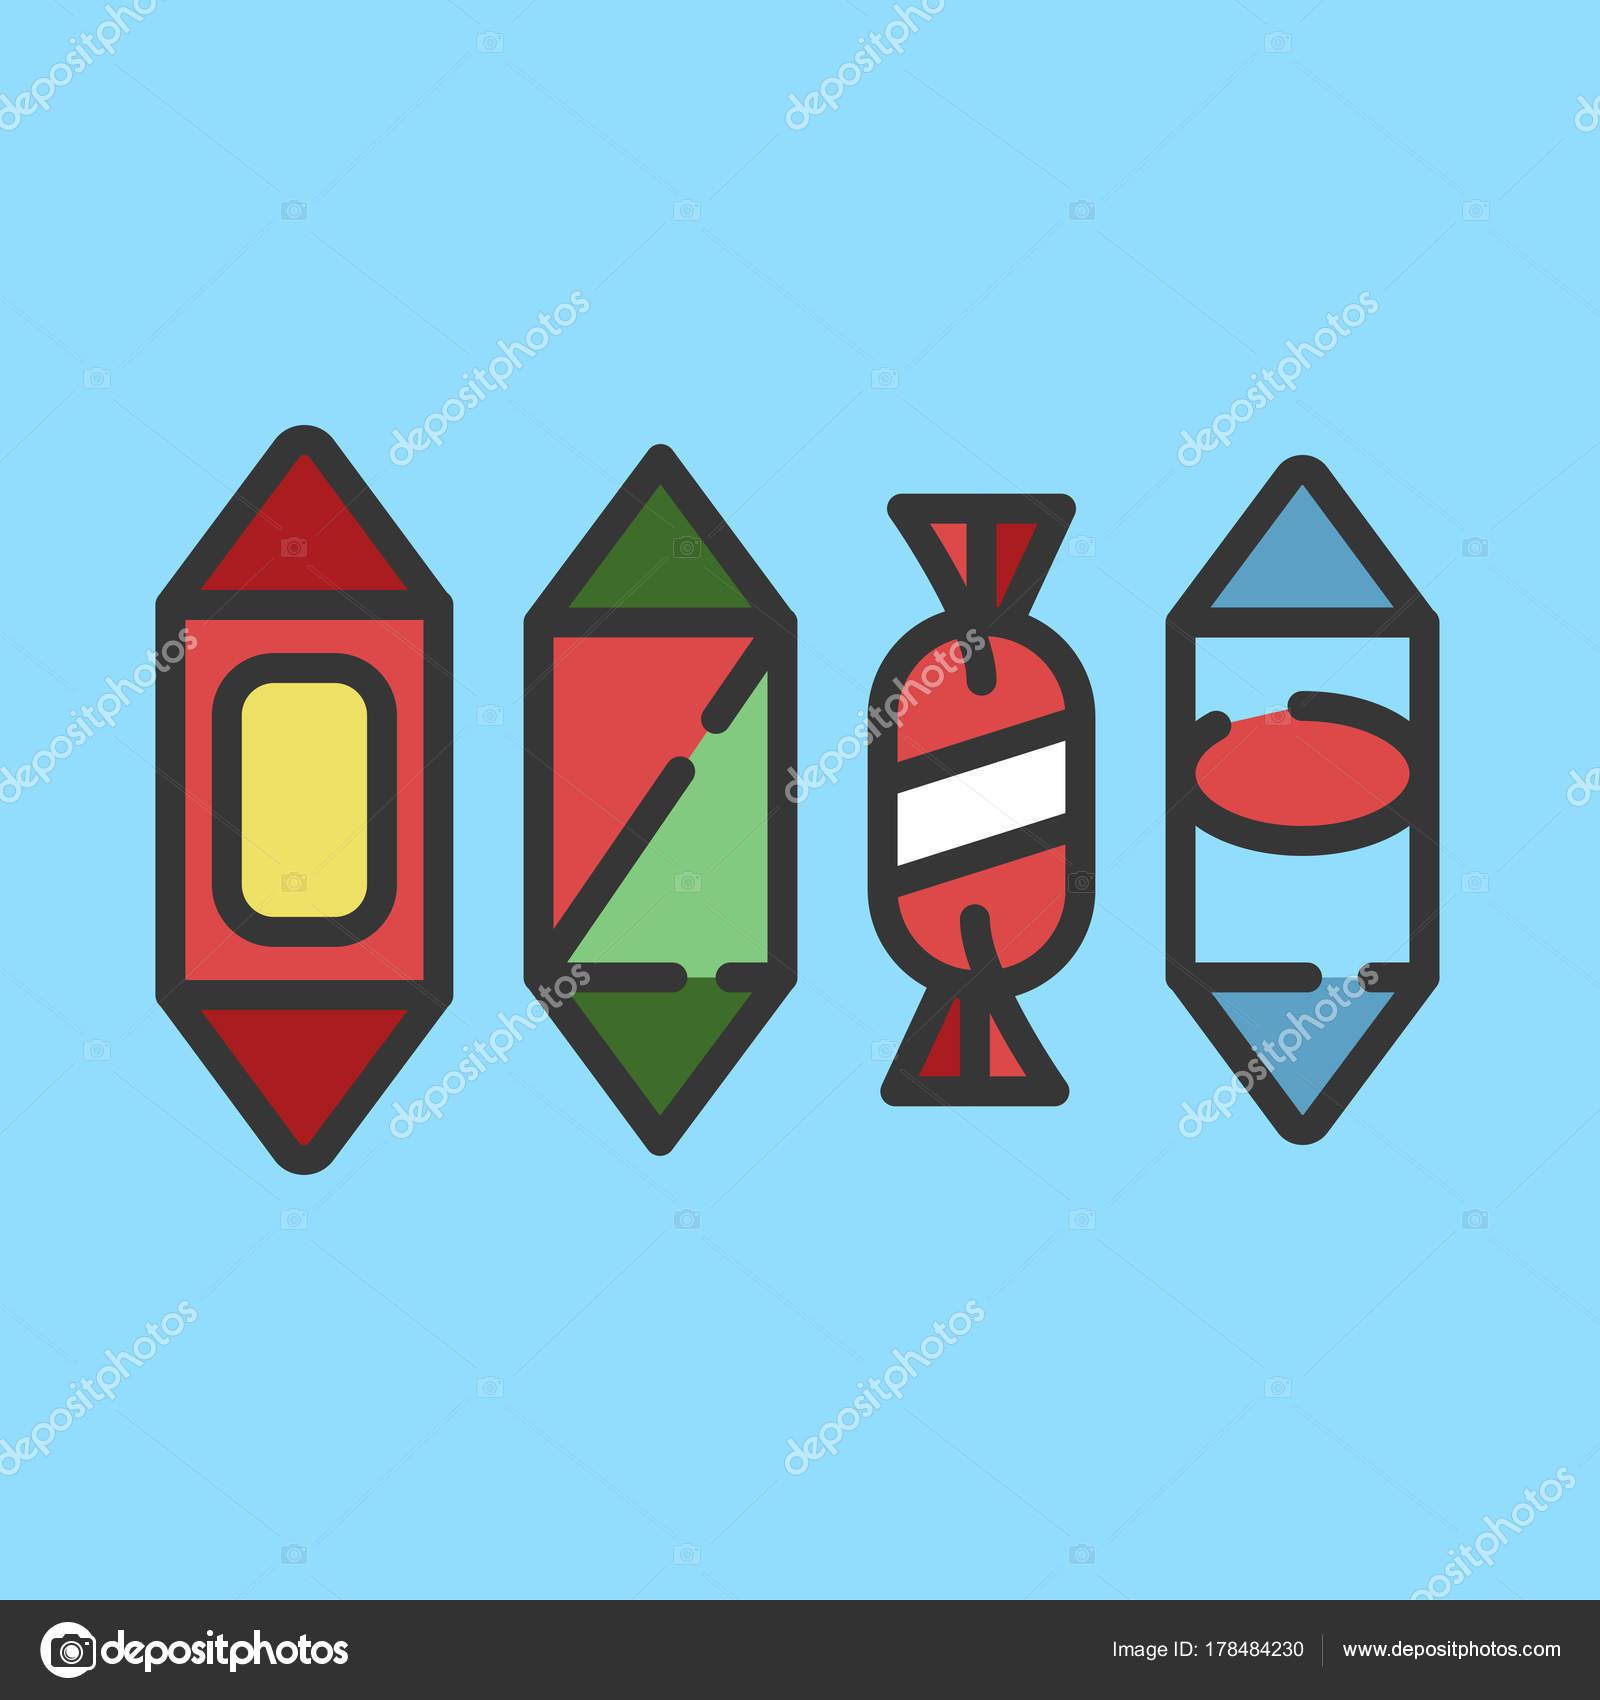 26b8d8401d Bonbóny Candy Kategorie Ikony Vektorové Ilustrace Linie Pro Obchod Symbolem  — Stockový vektor